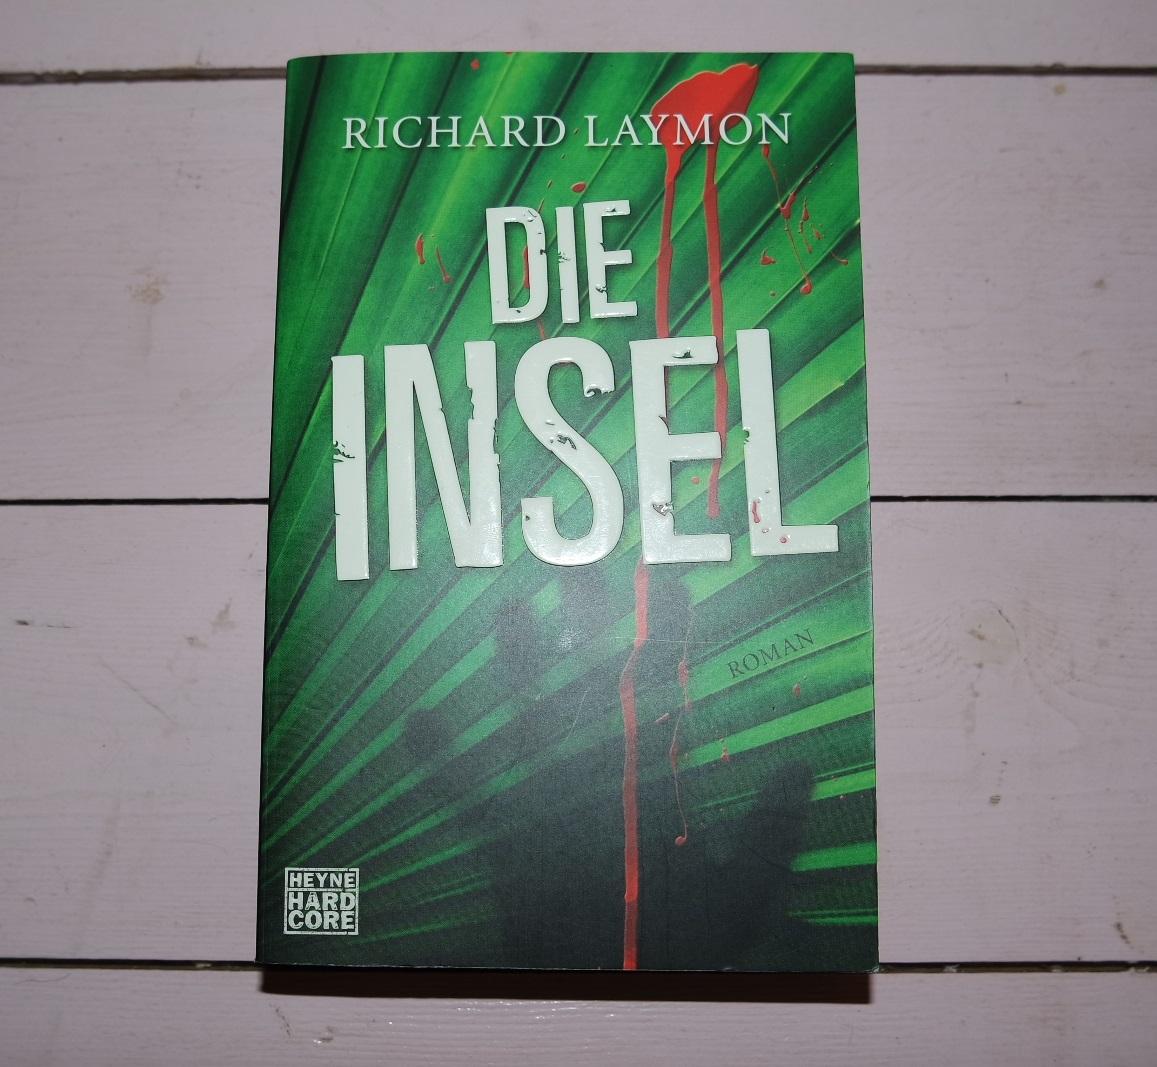 Richard Laymon: Die Insel